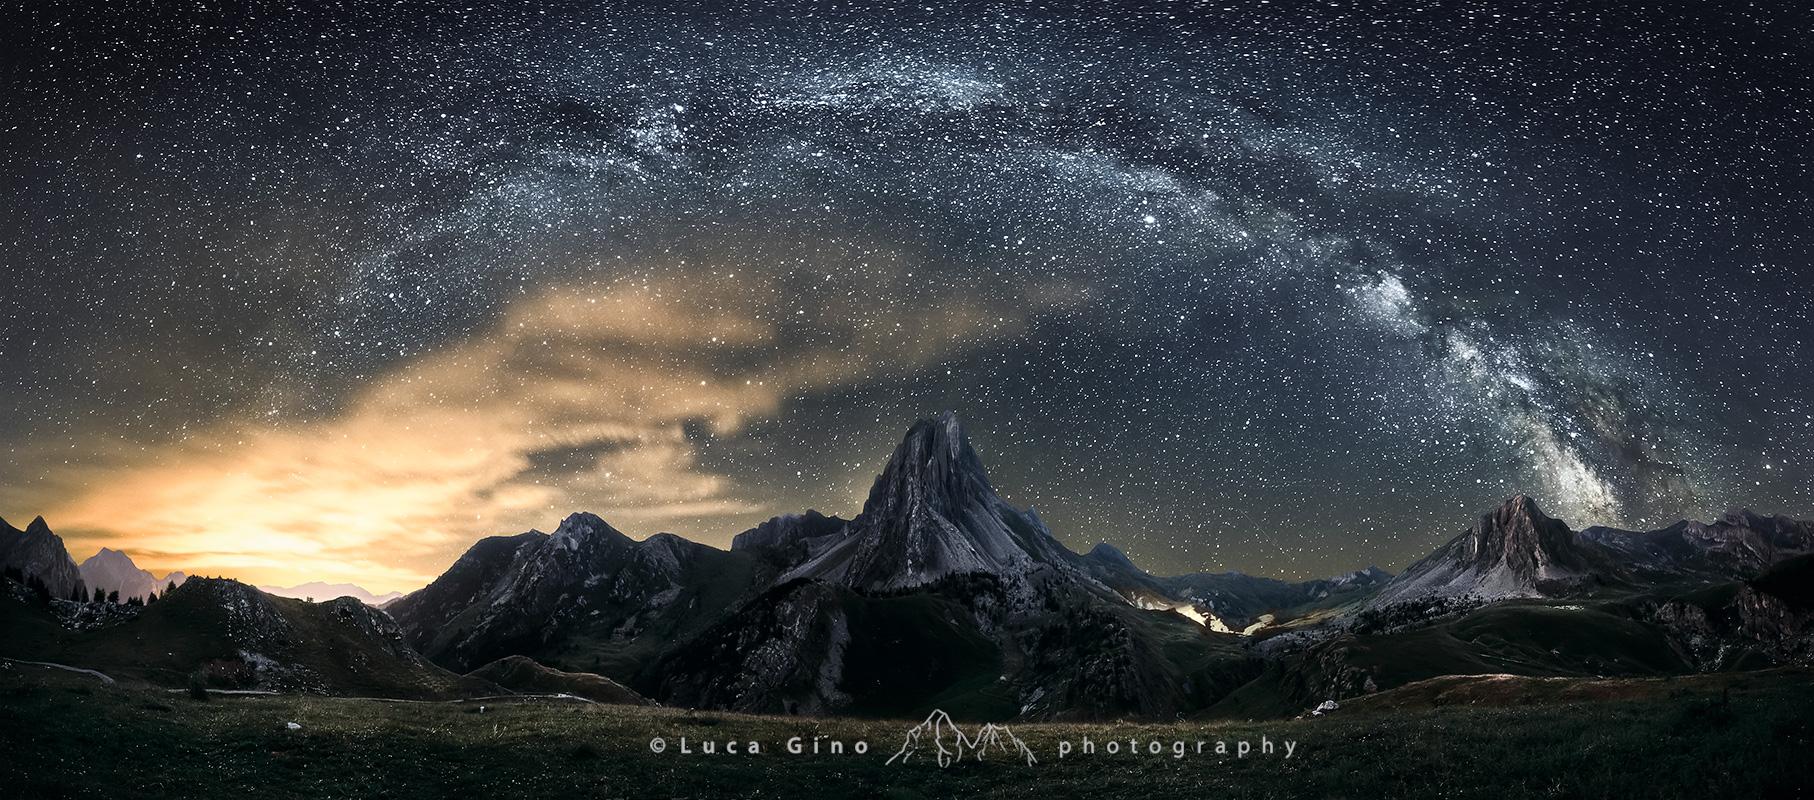 rocca-la meja, l'arco galattico dalla Gardetta